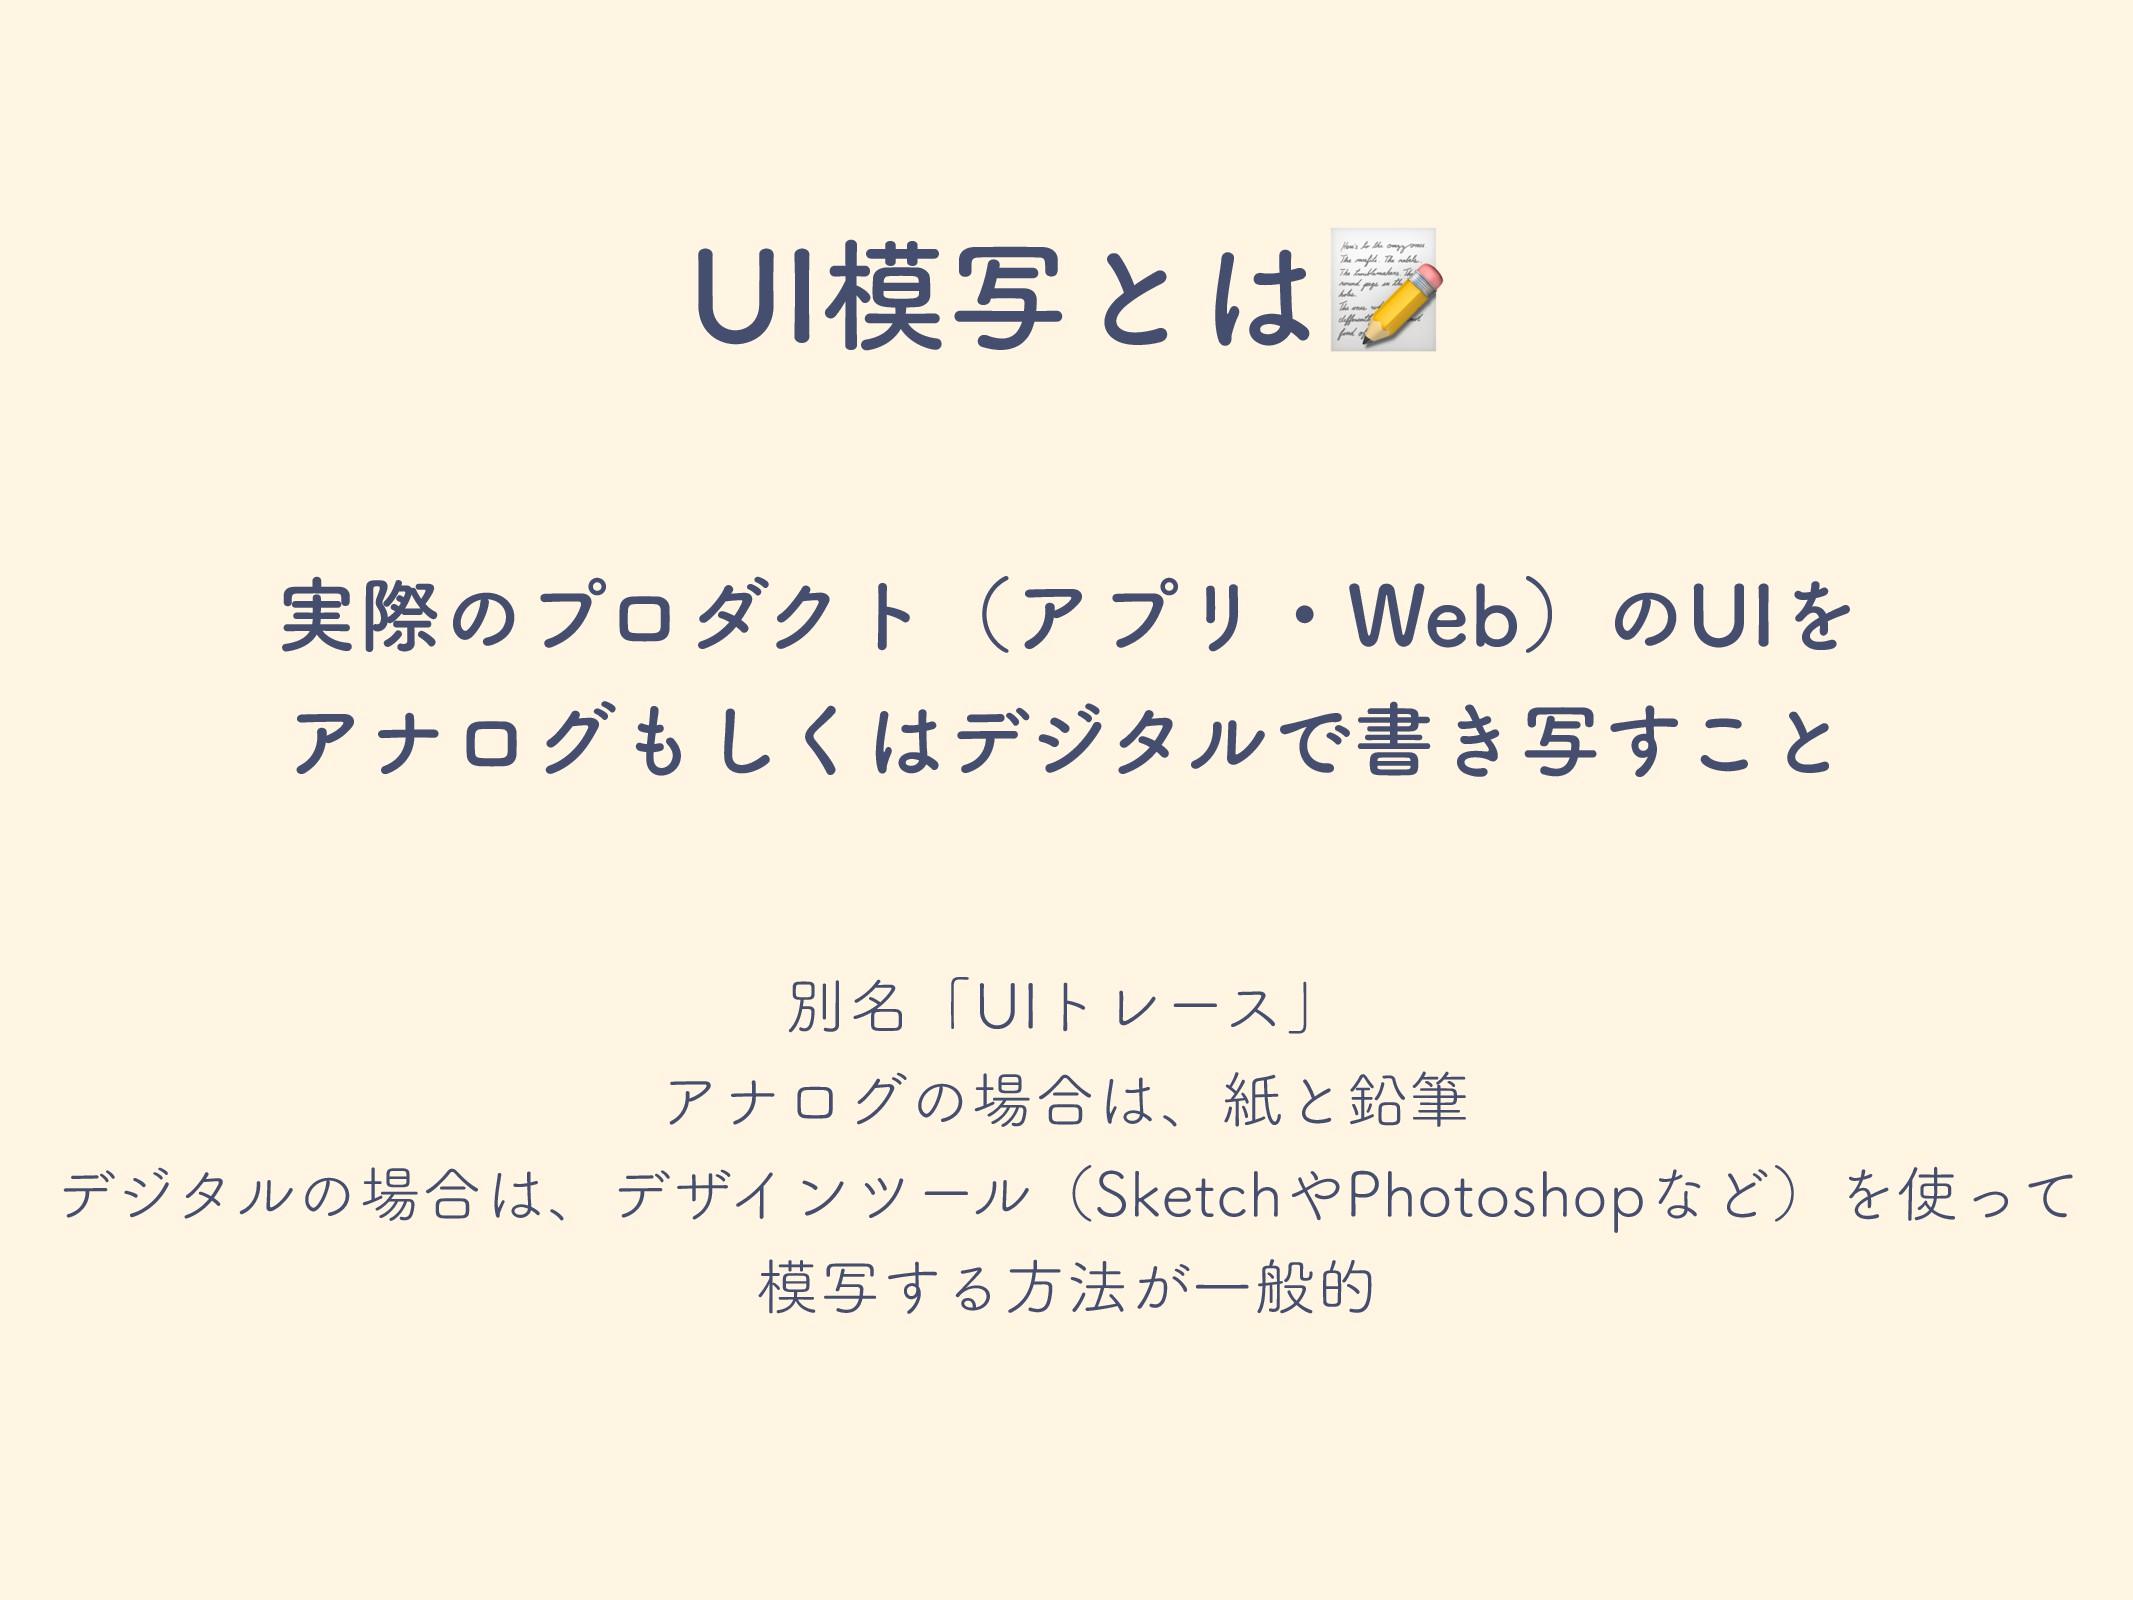 6*ࣸͱ ࣮ࡍͷϓϩμΫτʢΞϓϦɾ8FCʣͷ6*Λ Ξφϩά͘͠σδλϧͰॻ͖ࣸ͢...